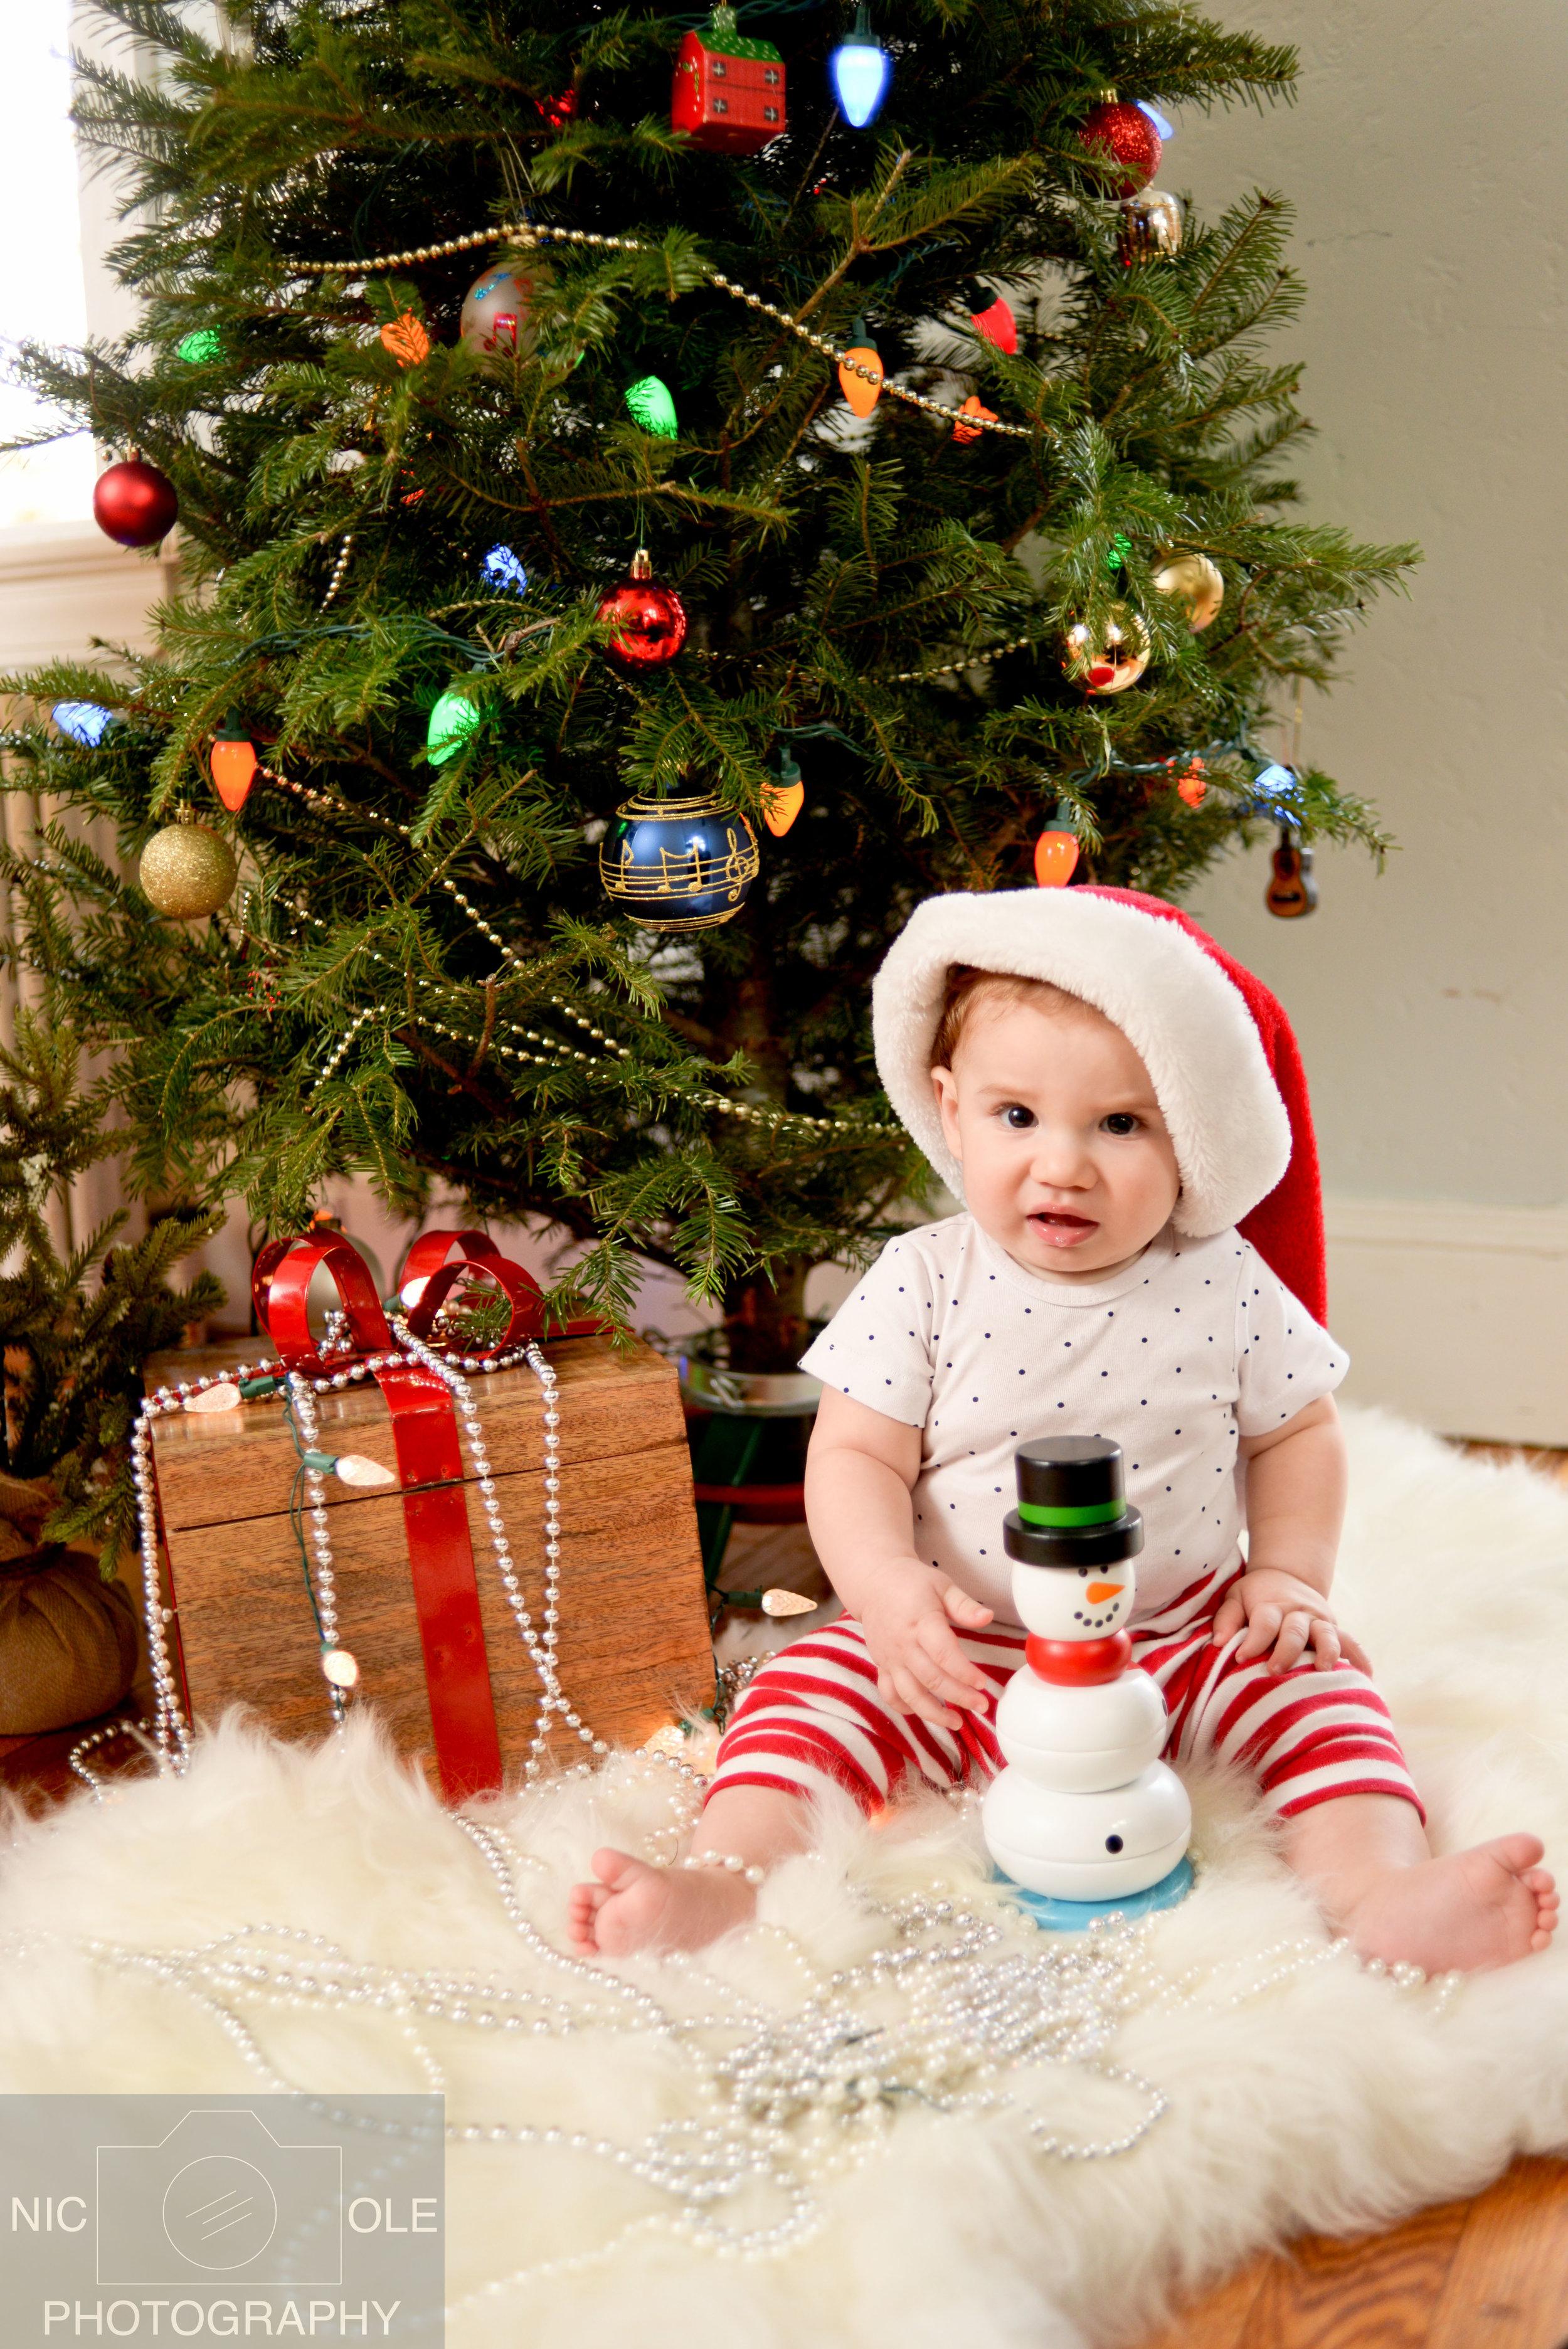 O&Z Christmas Photos- Nic.Ole Photography-101.jpg